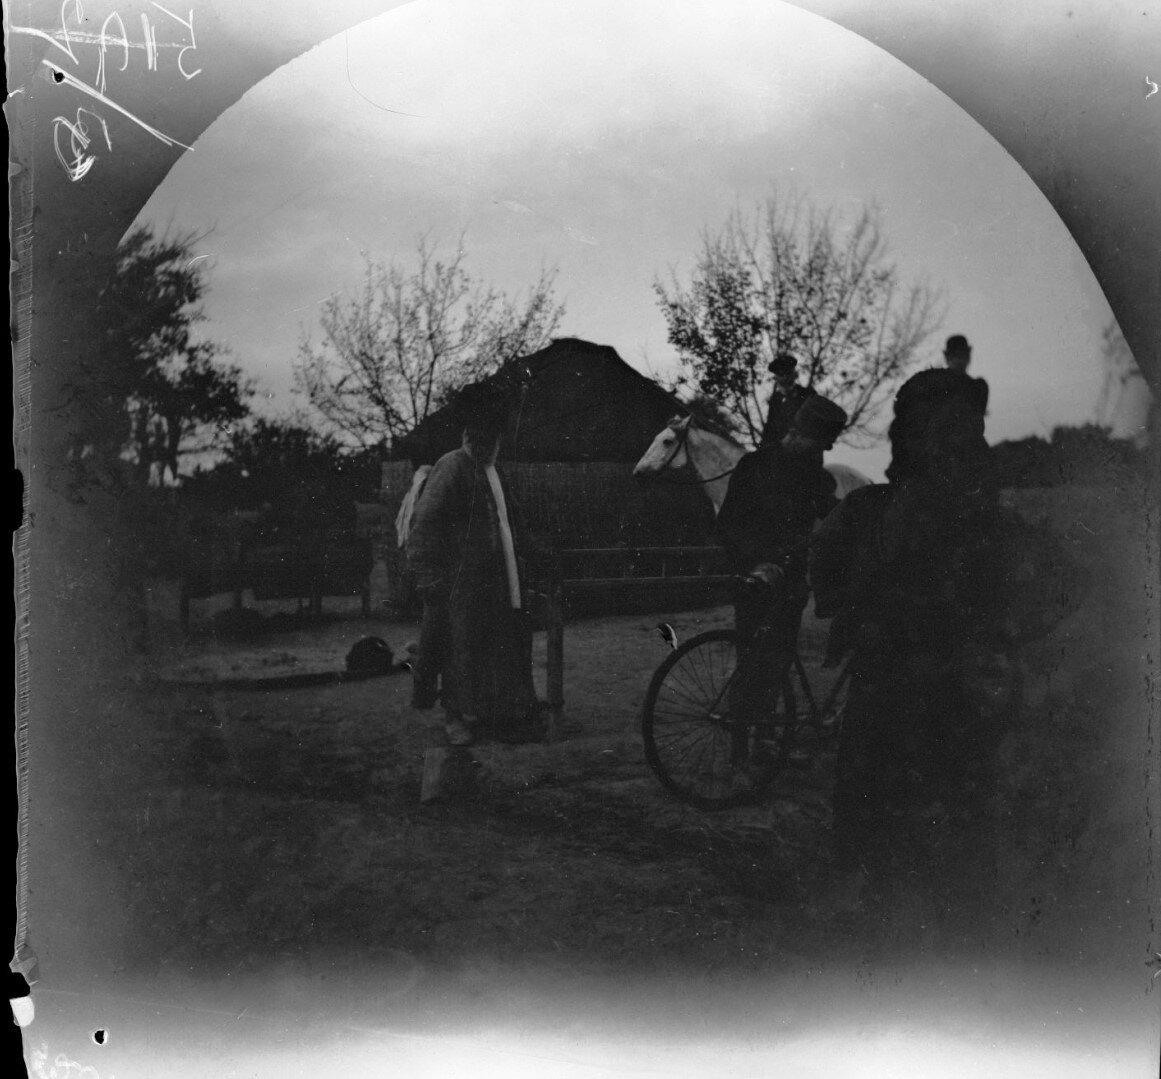 31 октября. Окрестности Ашхабада. Генерал фон Шульц  с дочерью  и Томас Аллен с велосипедом перед туркменской палаткой